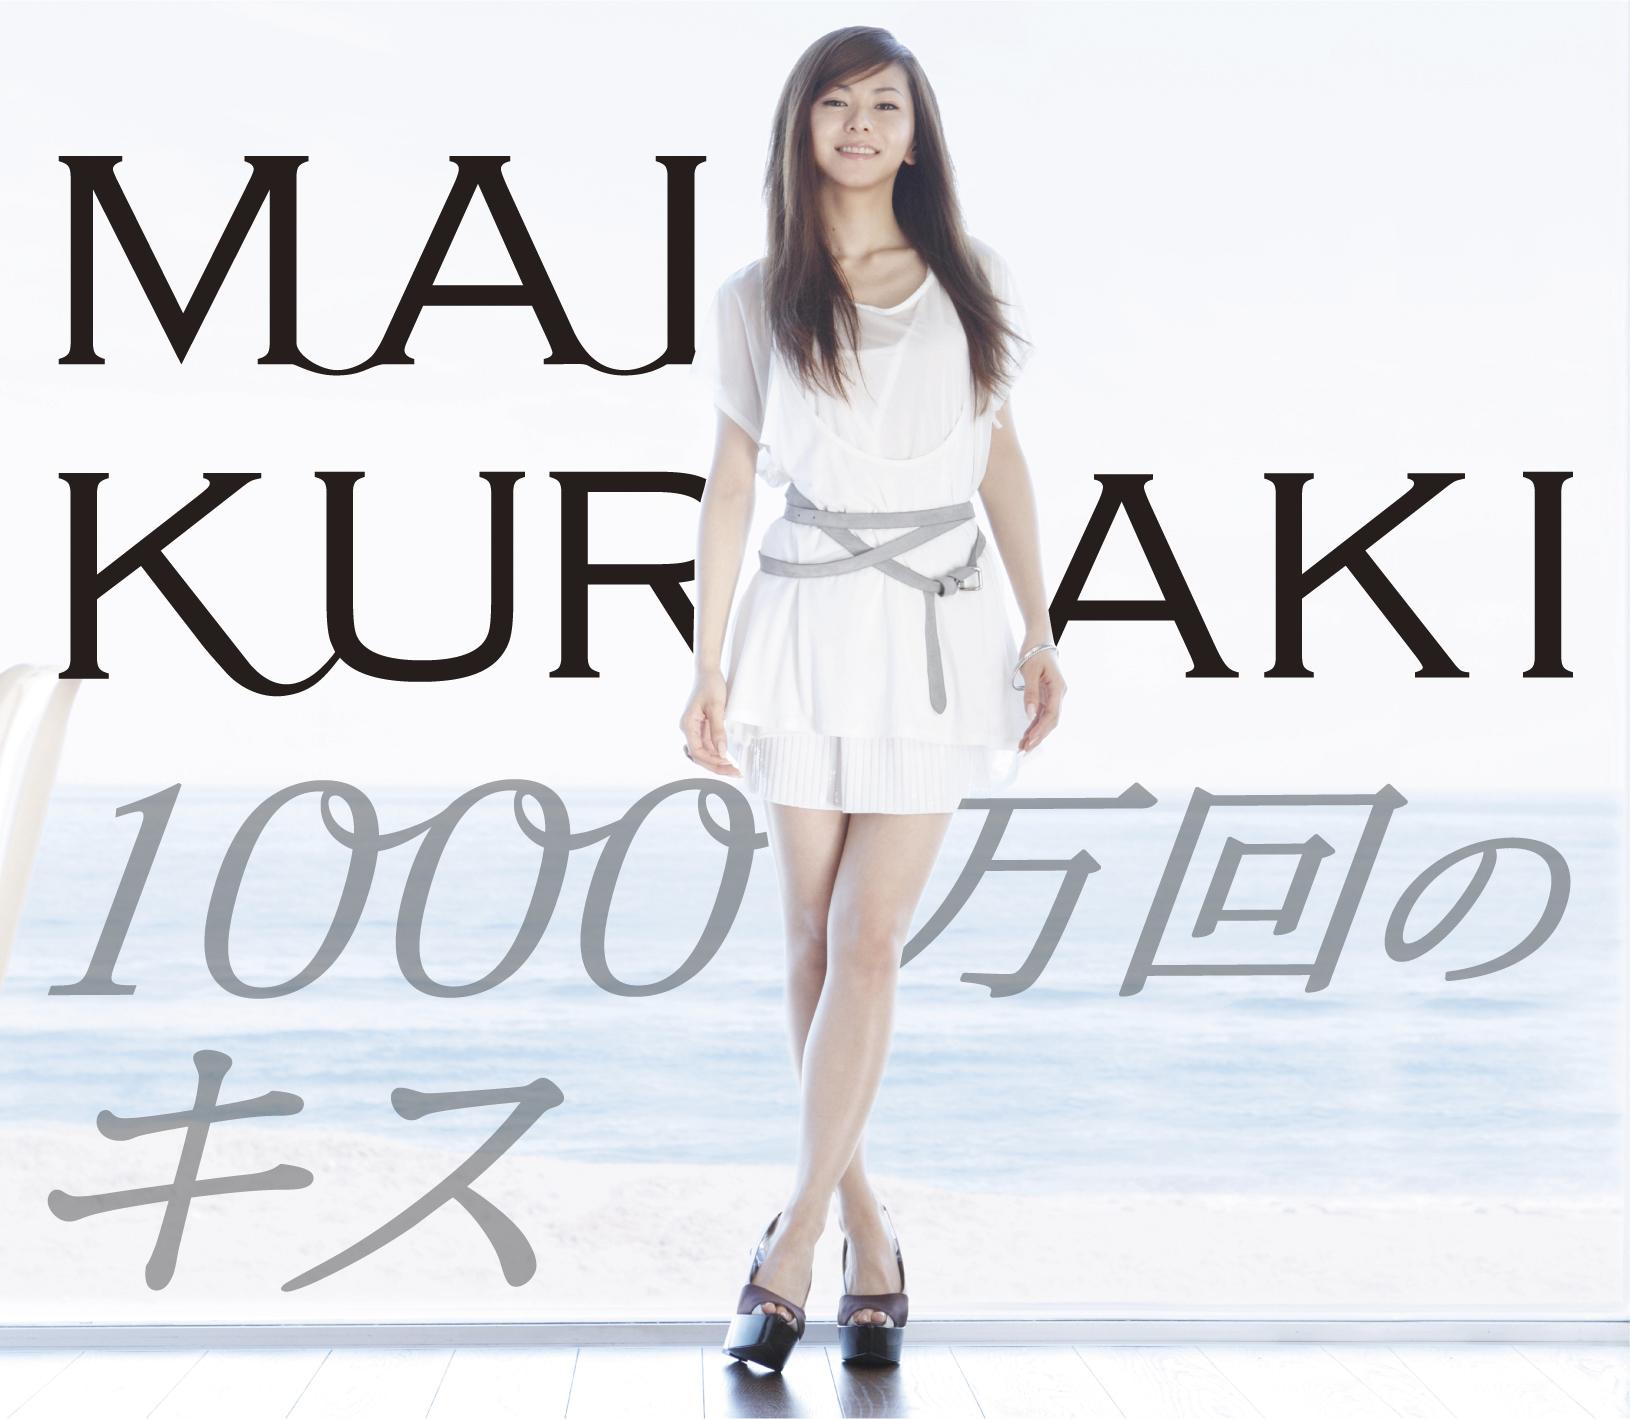 kuraki_1000_s.jpg